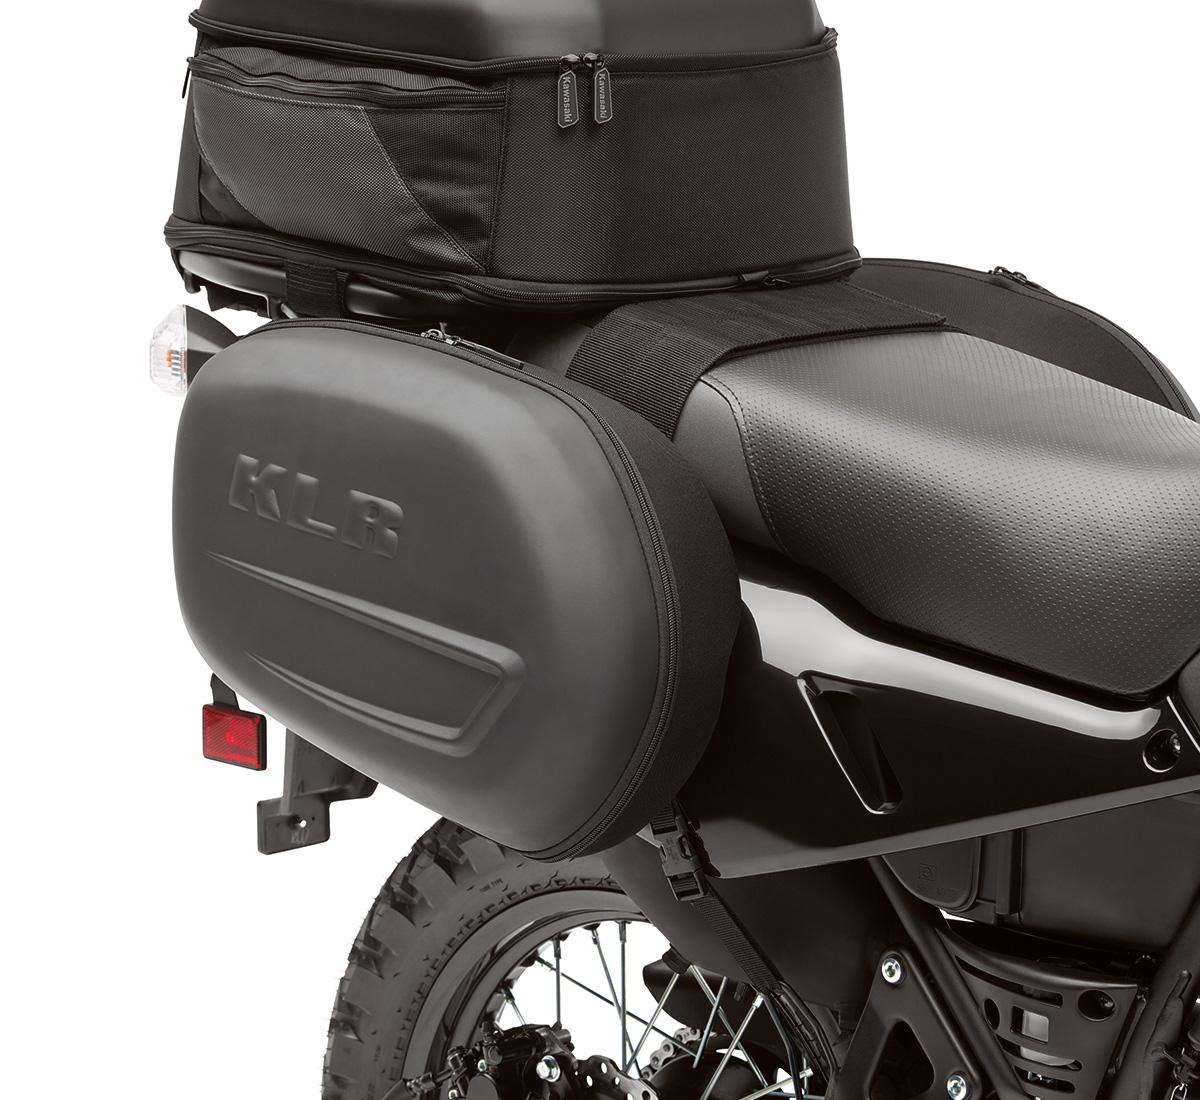 2018 Klr650 Klr Klx Motorcycle By Kawasaki 250 Wiring Diagram Free Download Saddlebag Set